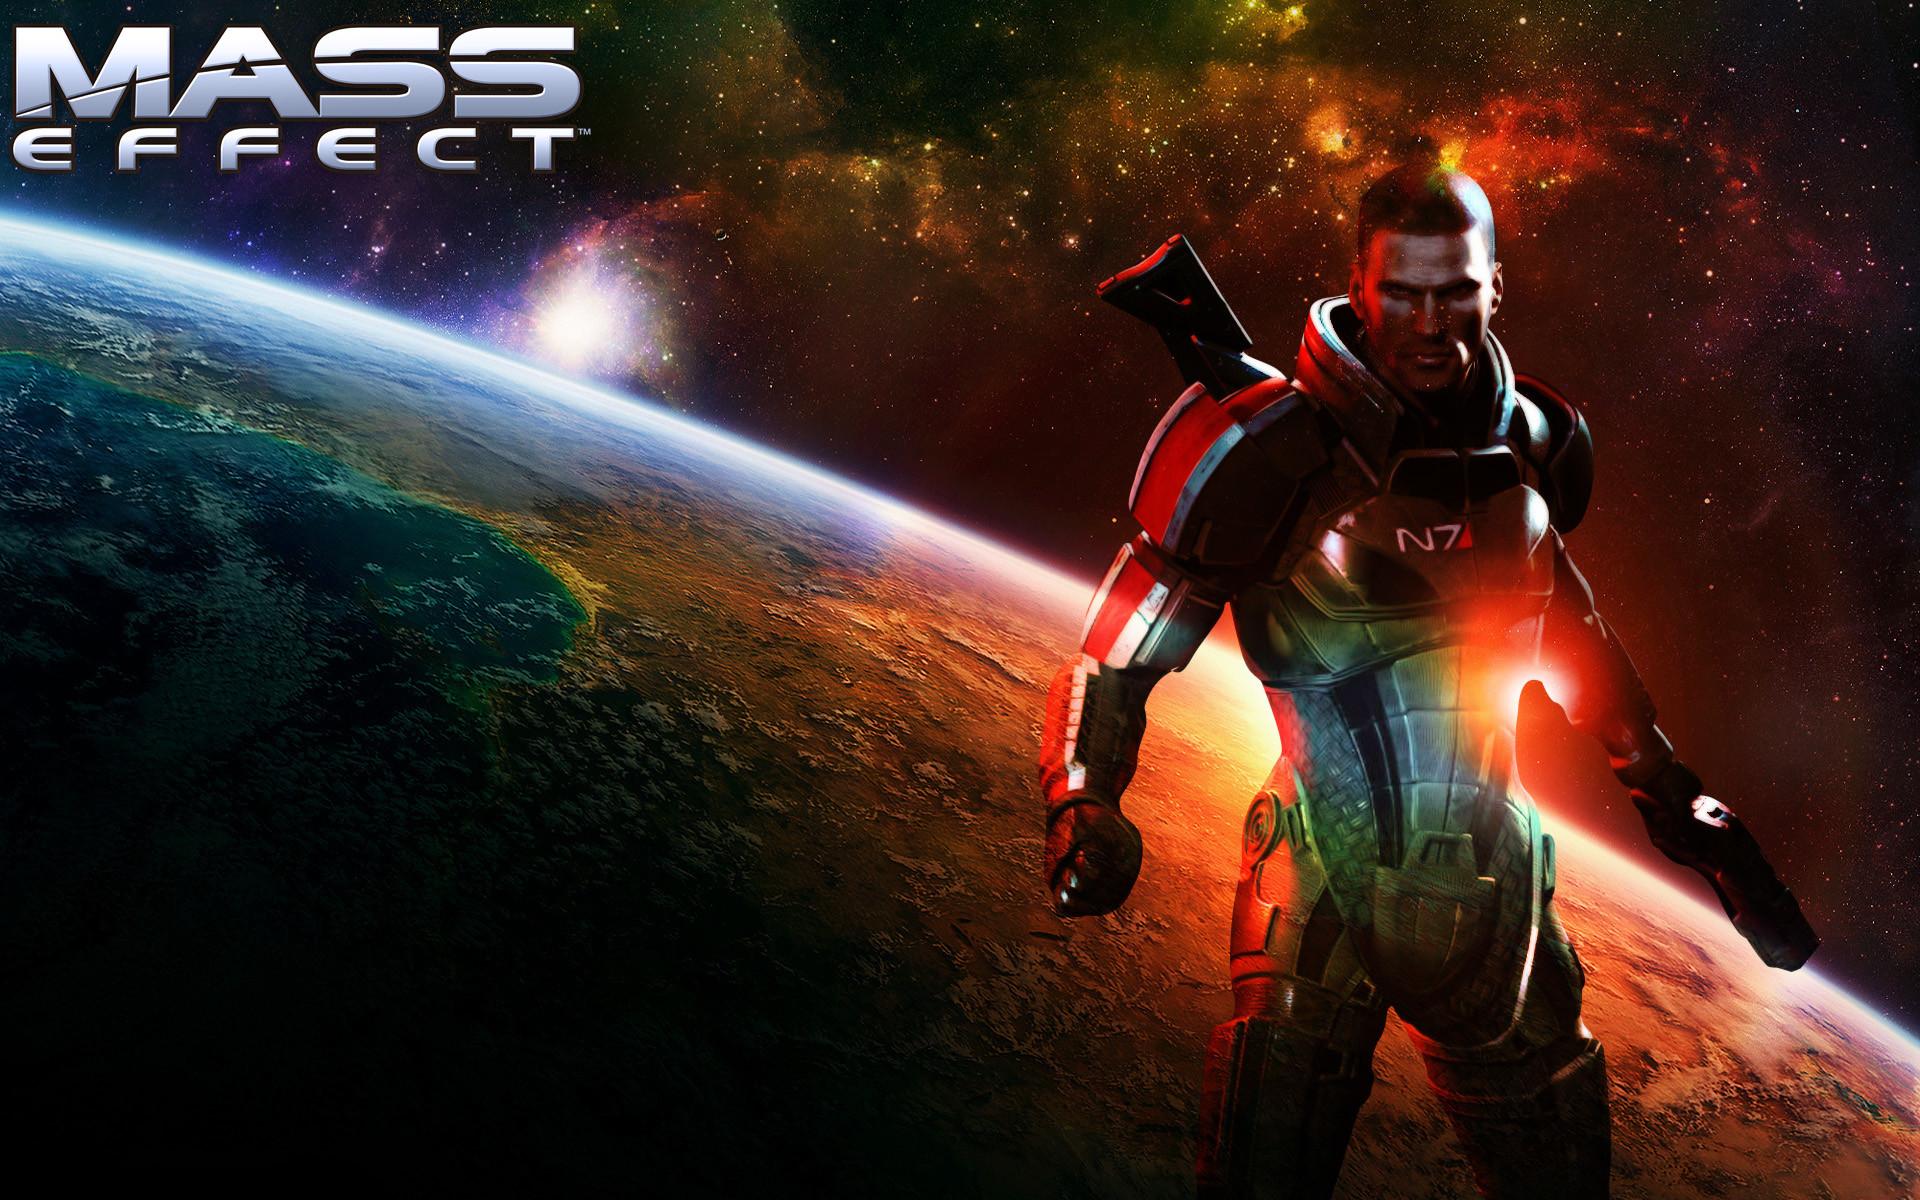 Mass Effect 1 Wallpaper 72 Images